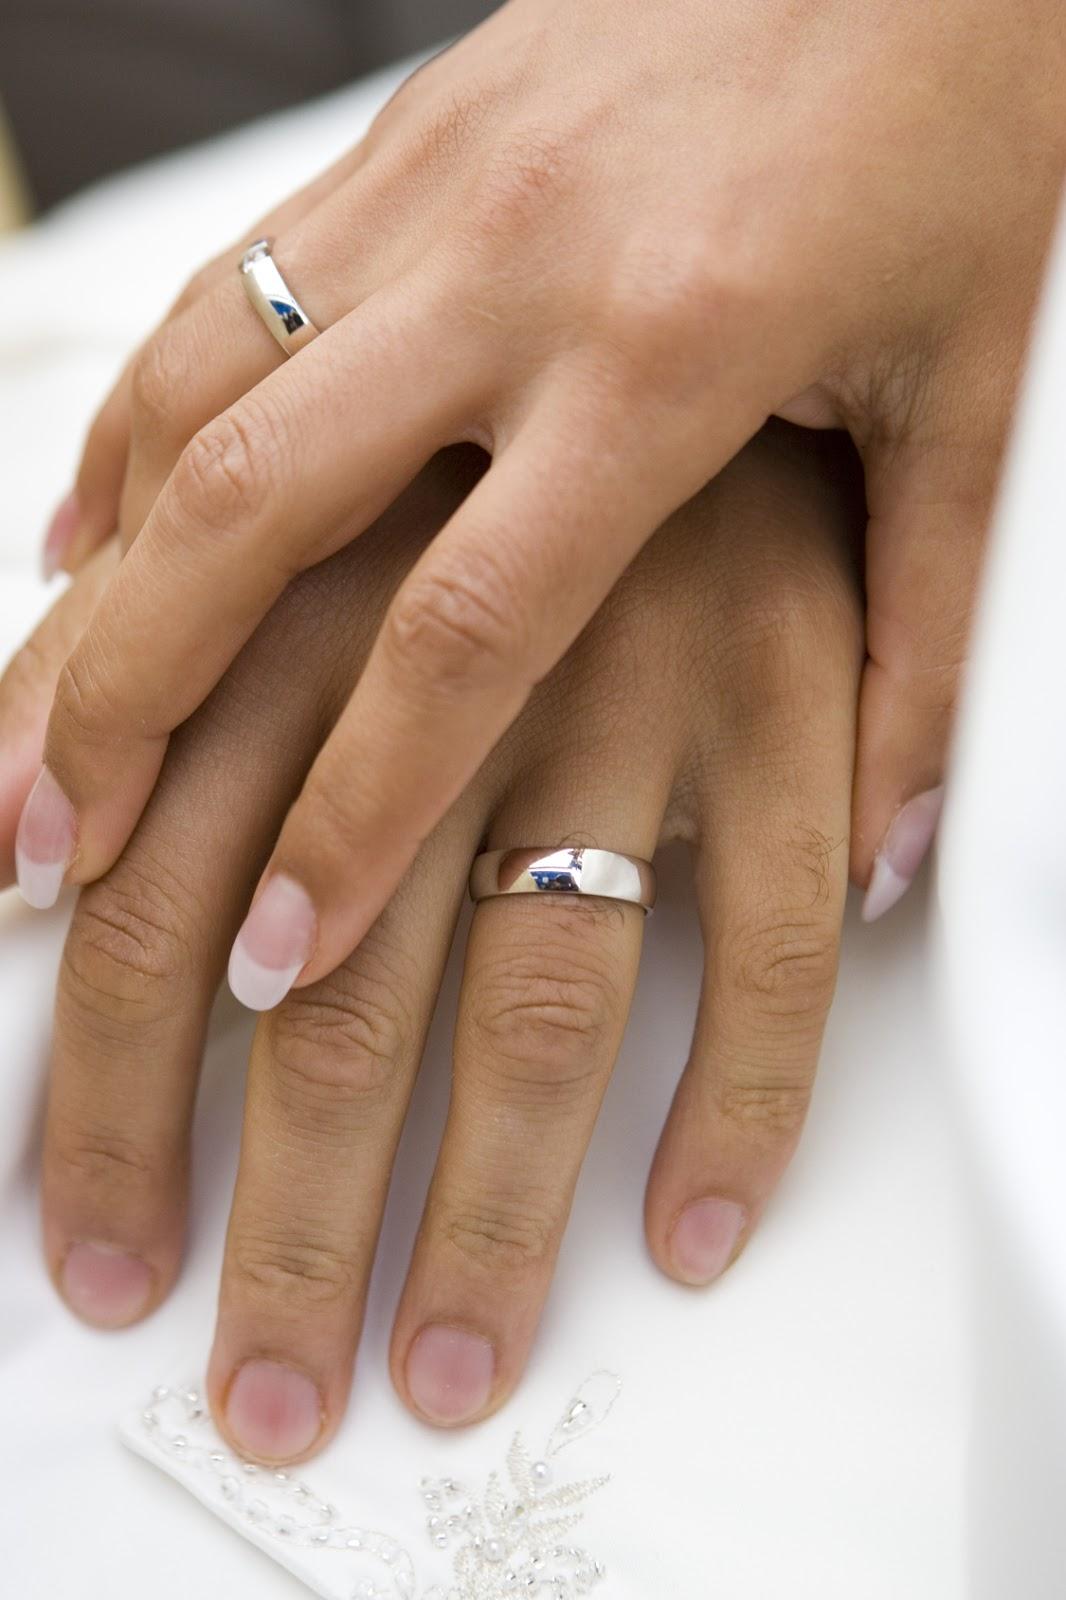 жена вернула обручальное кольцо